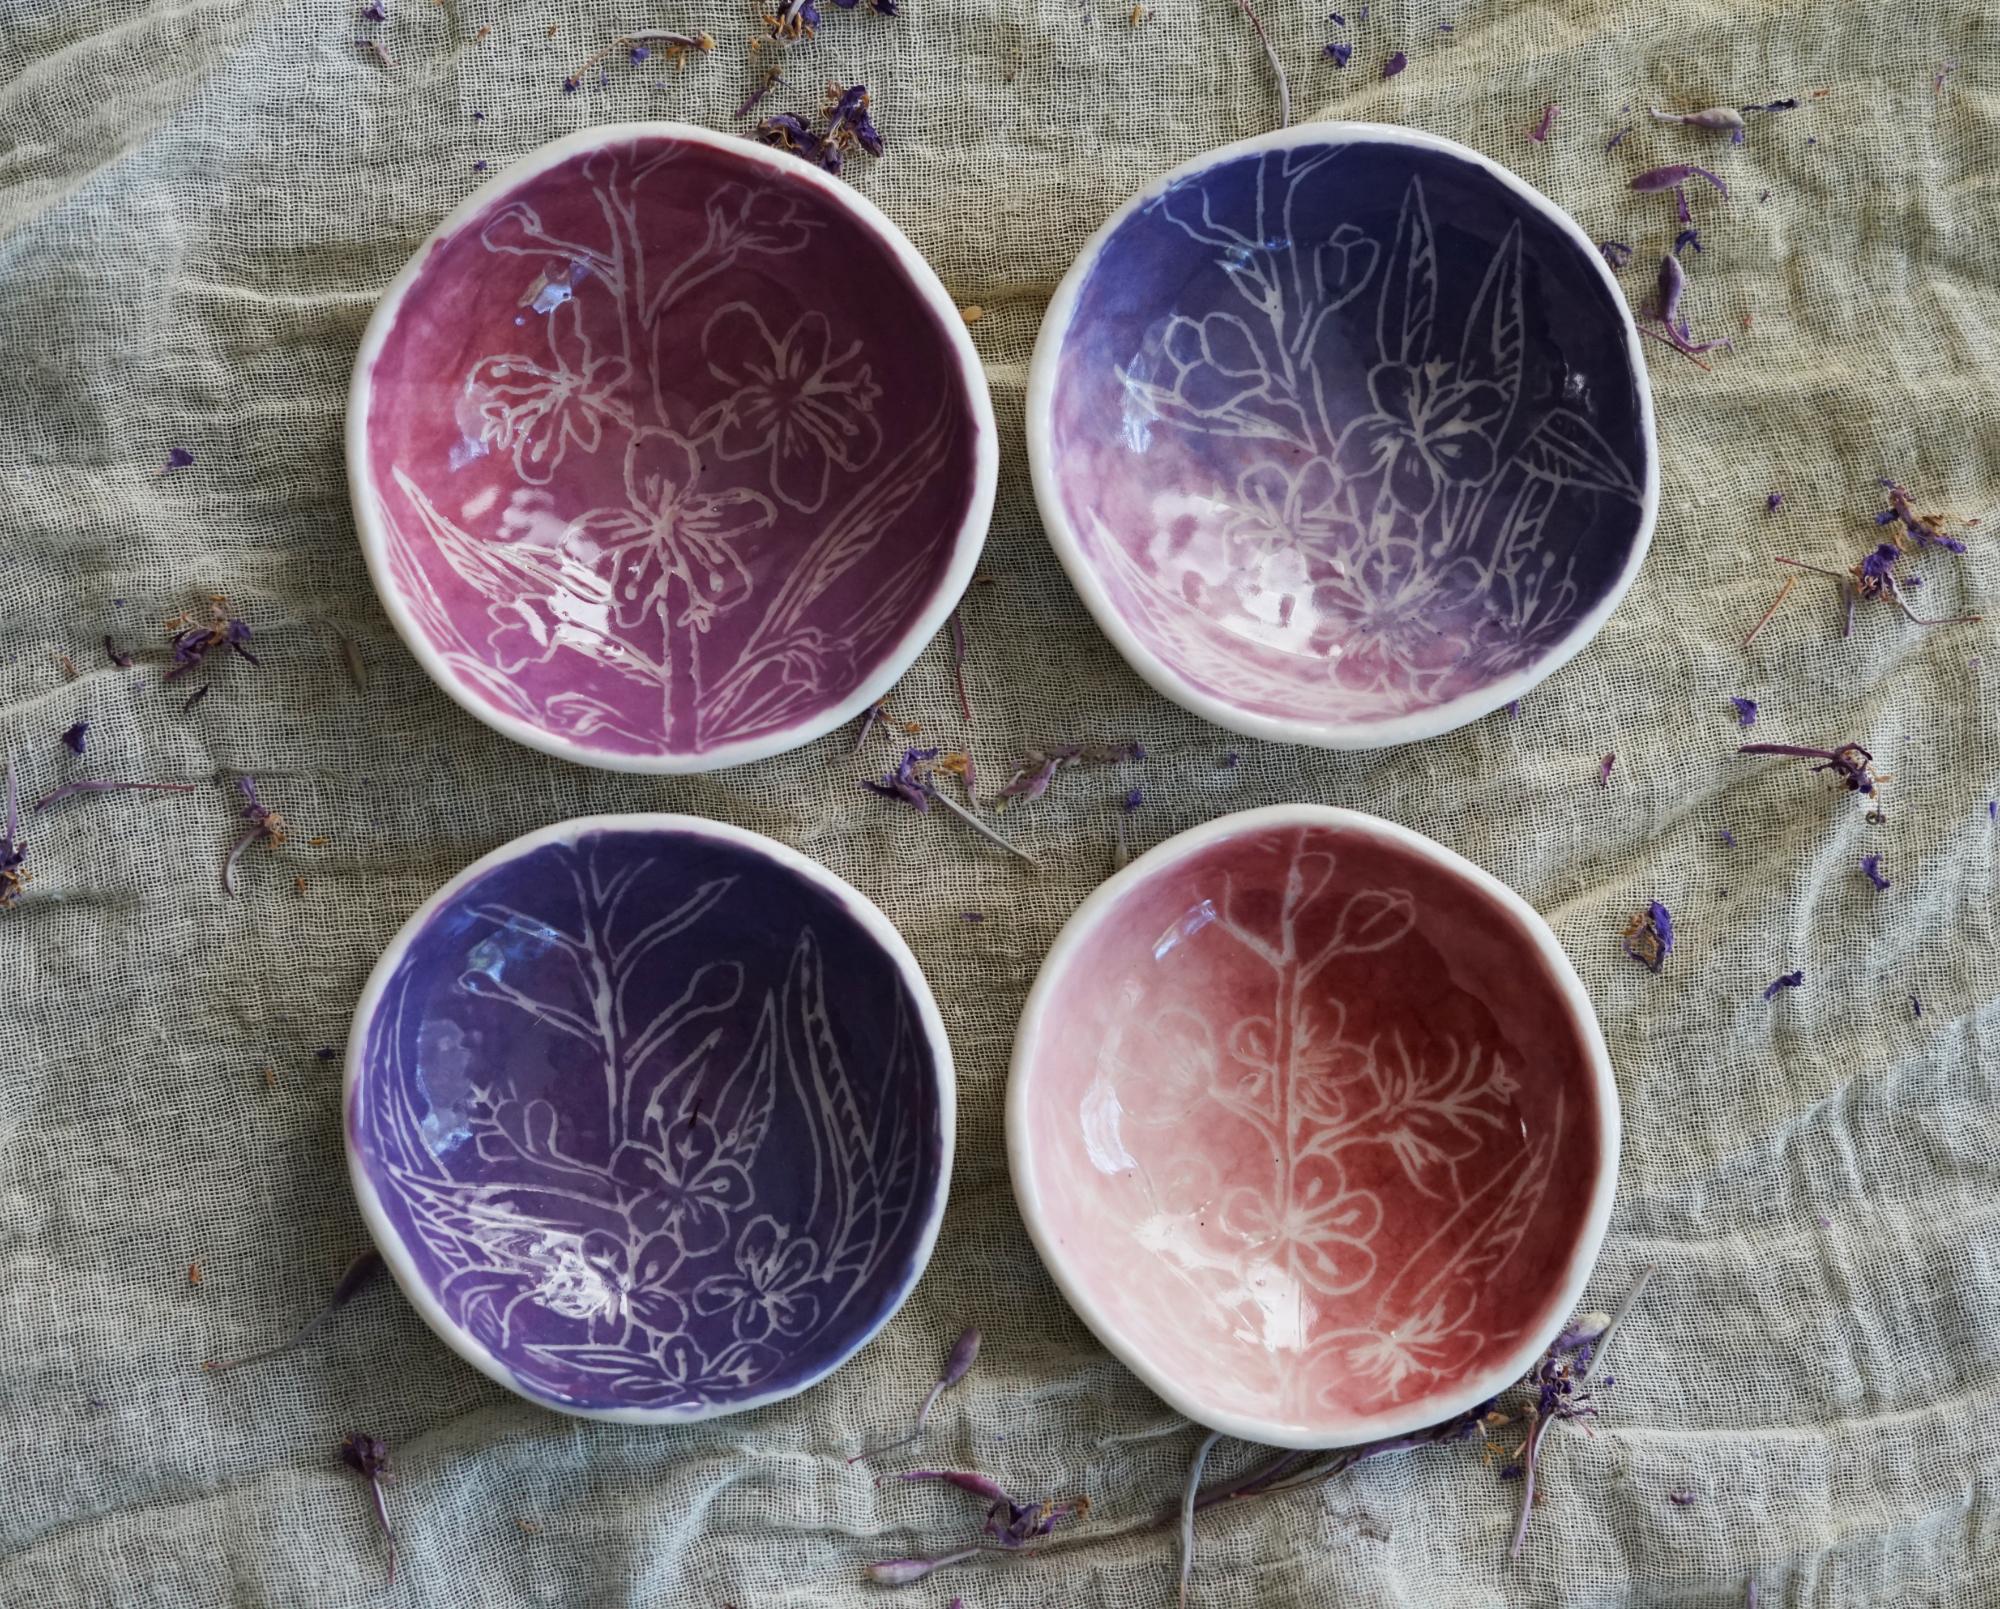 purplebowlssmall 2.jpg